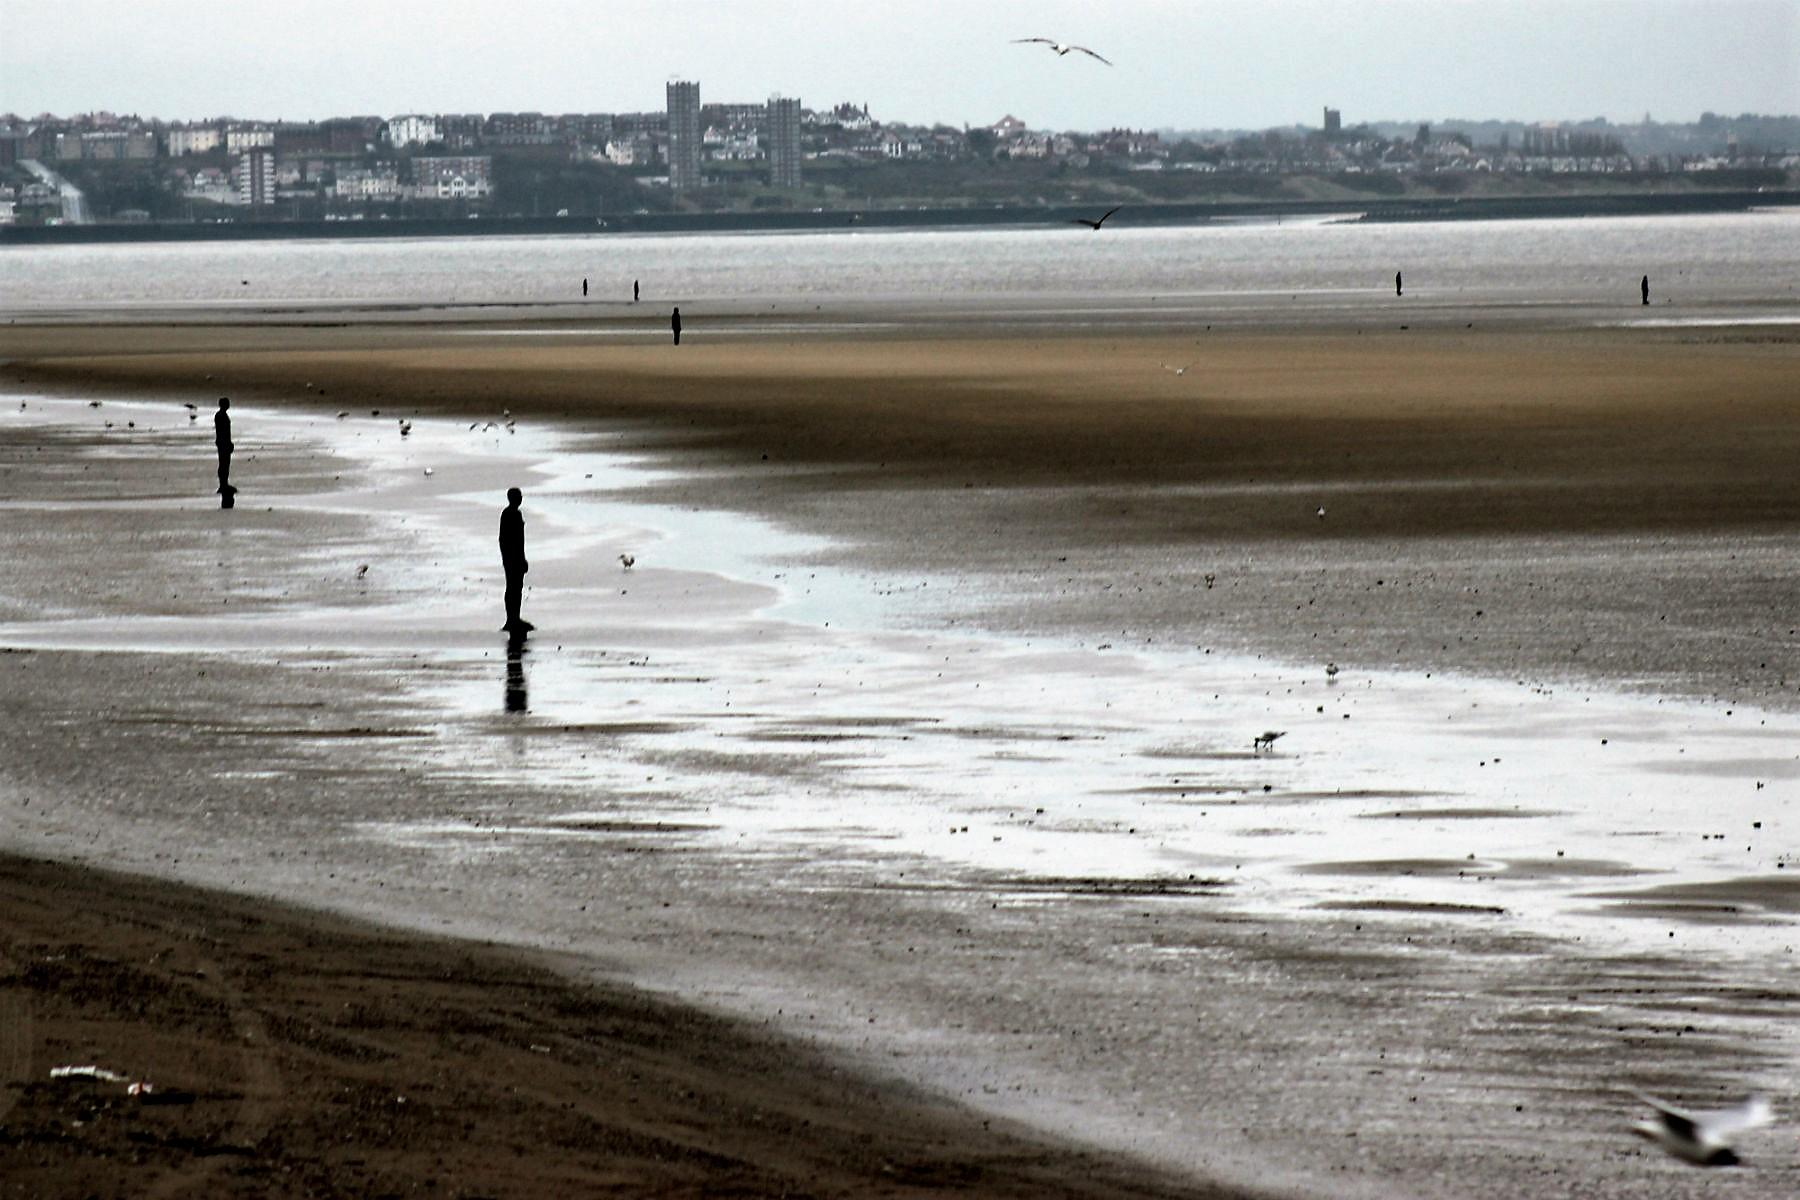 Another Place, instalação de Antony Gormley em Crosby Beach, Liverpool